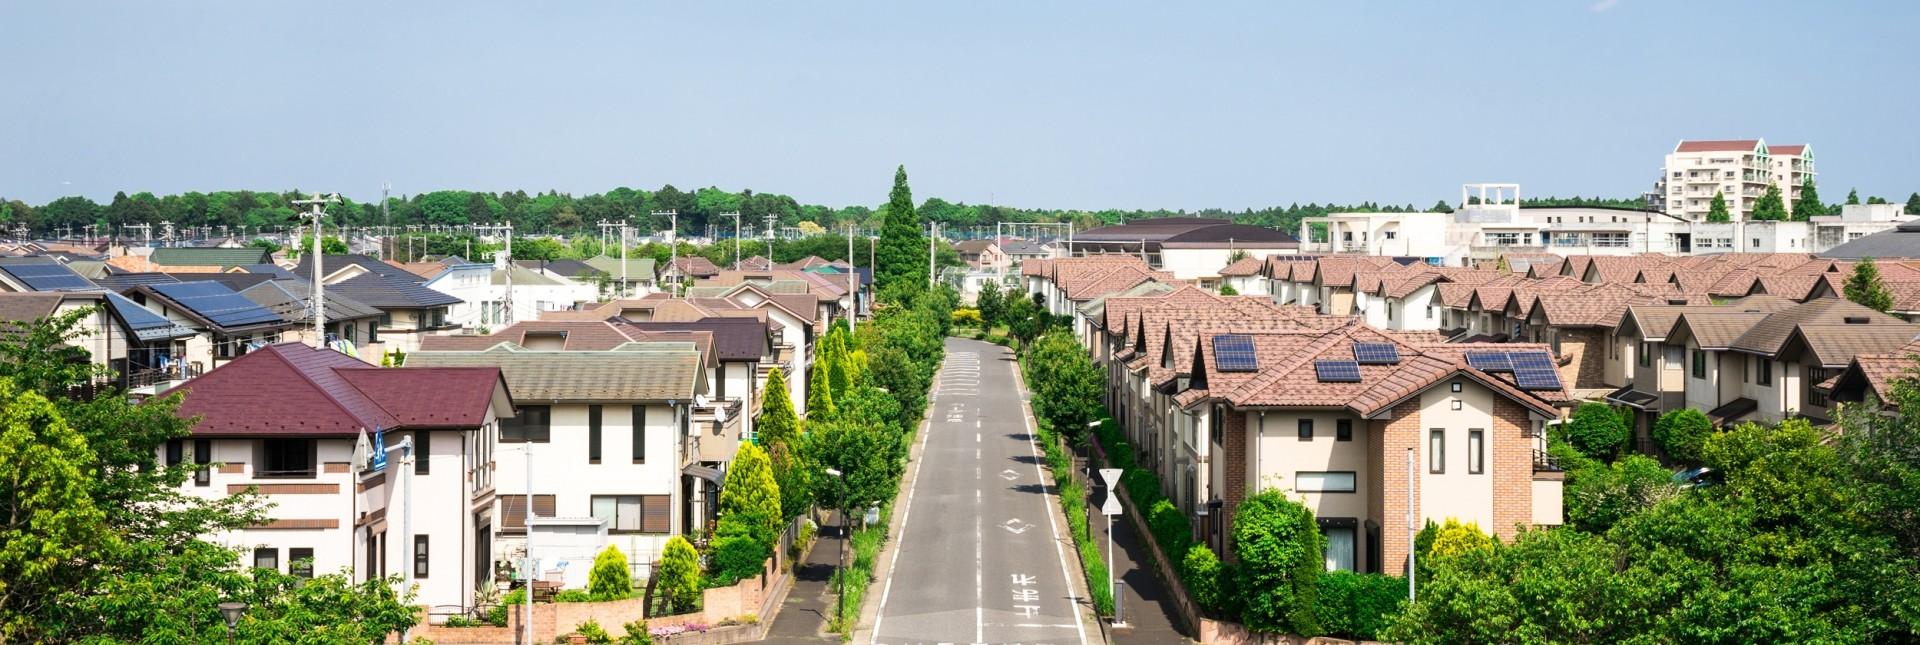 建築家とバランスを考えた住宅づくり